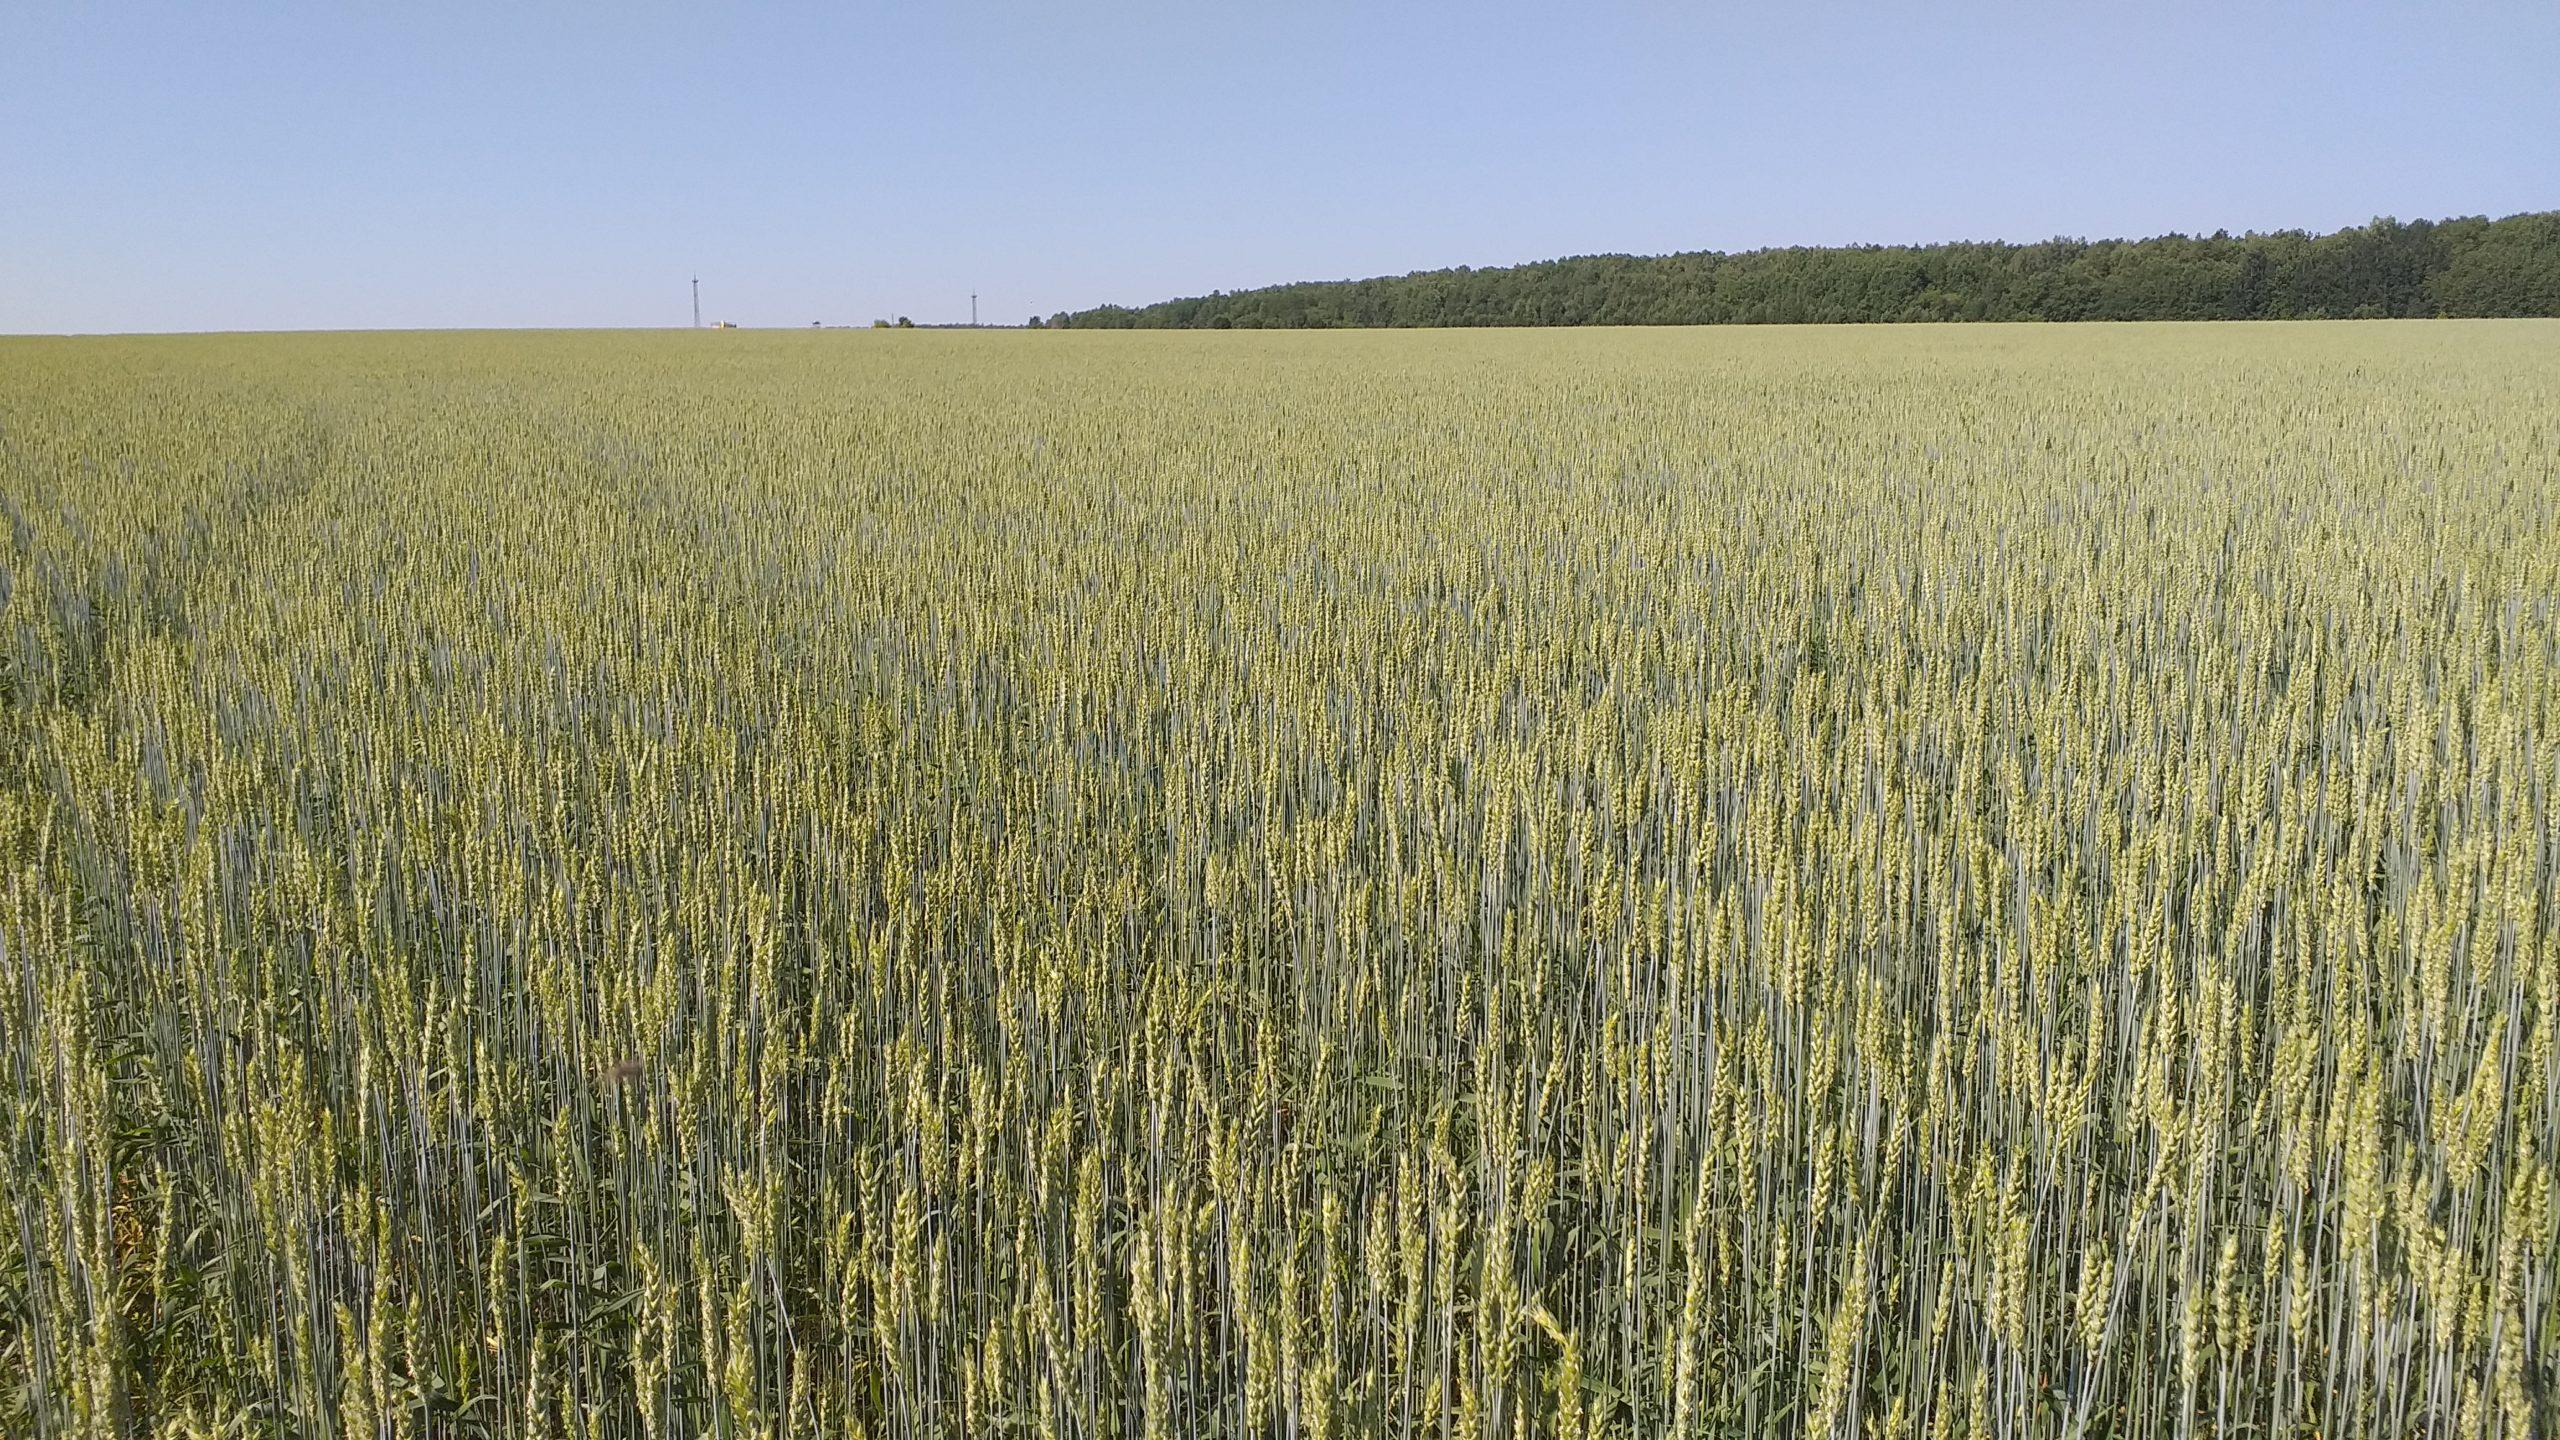 Агропредприятие получило прибавку урожайности яровой пшеницы в 20%